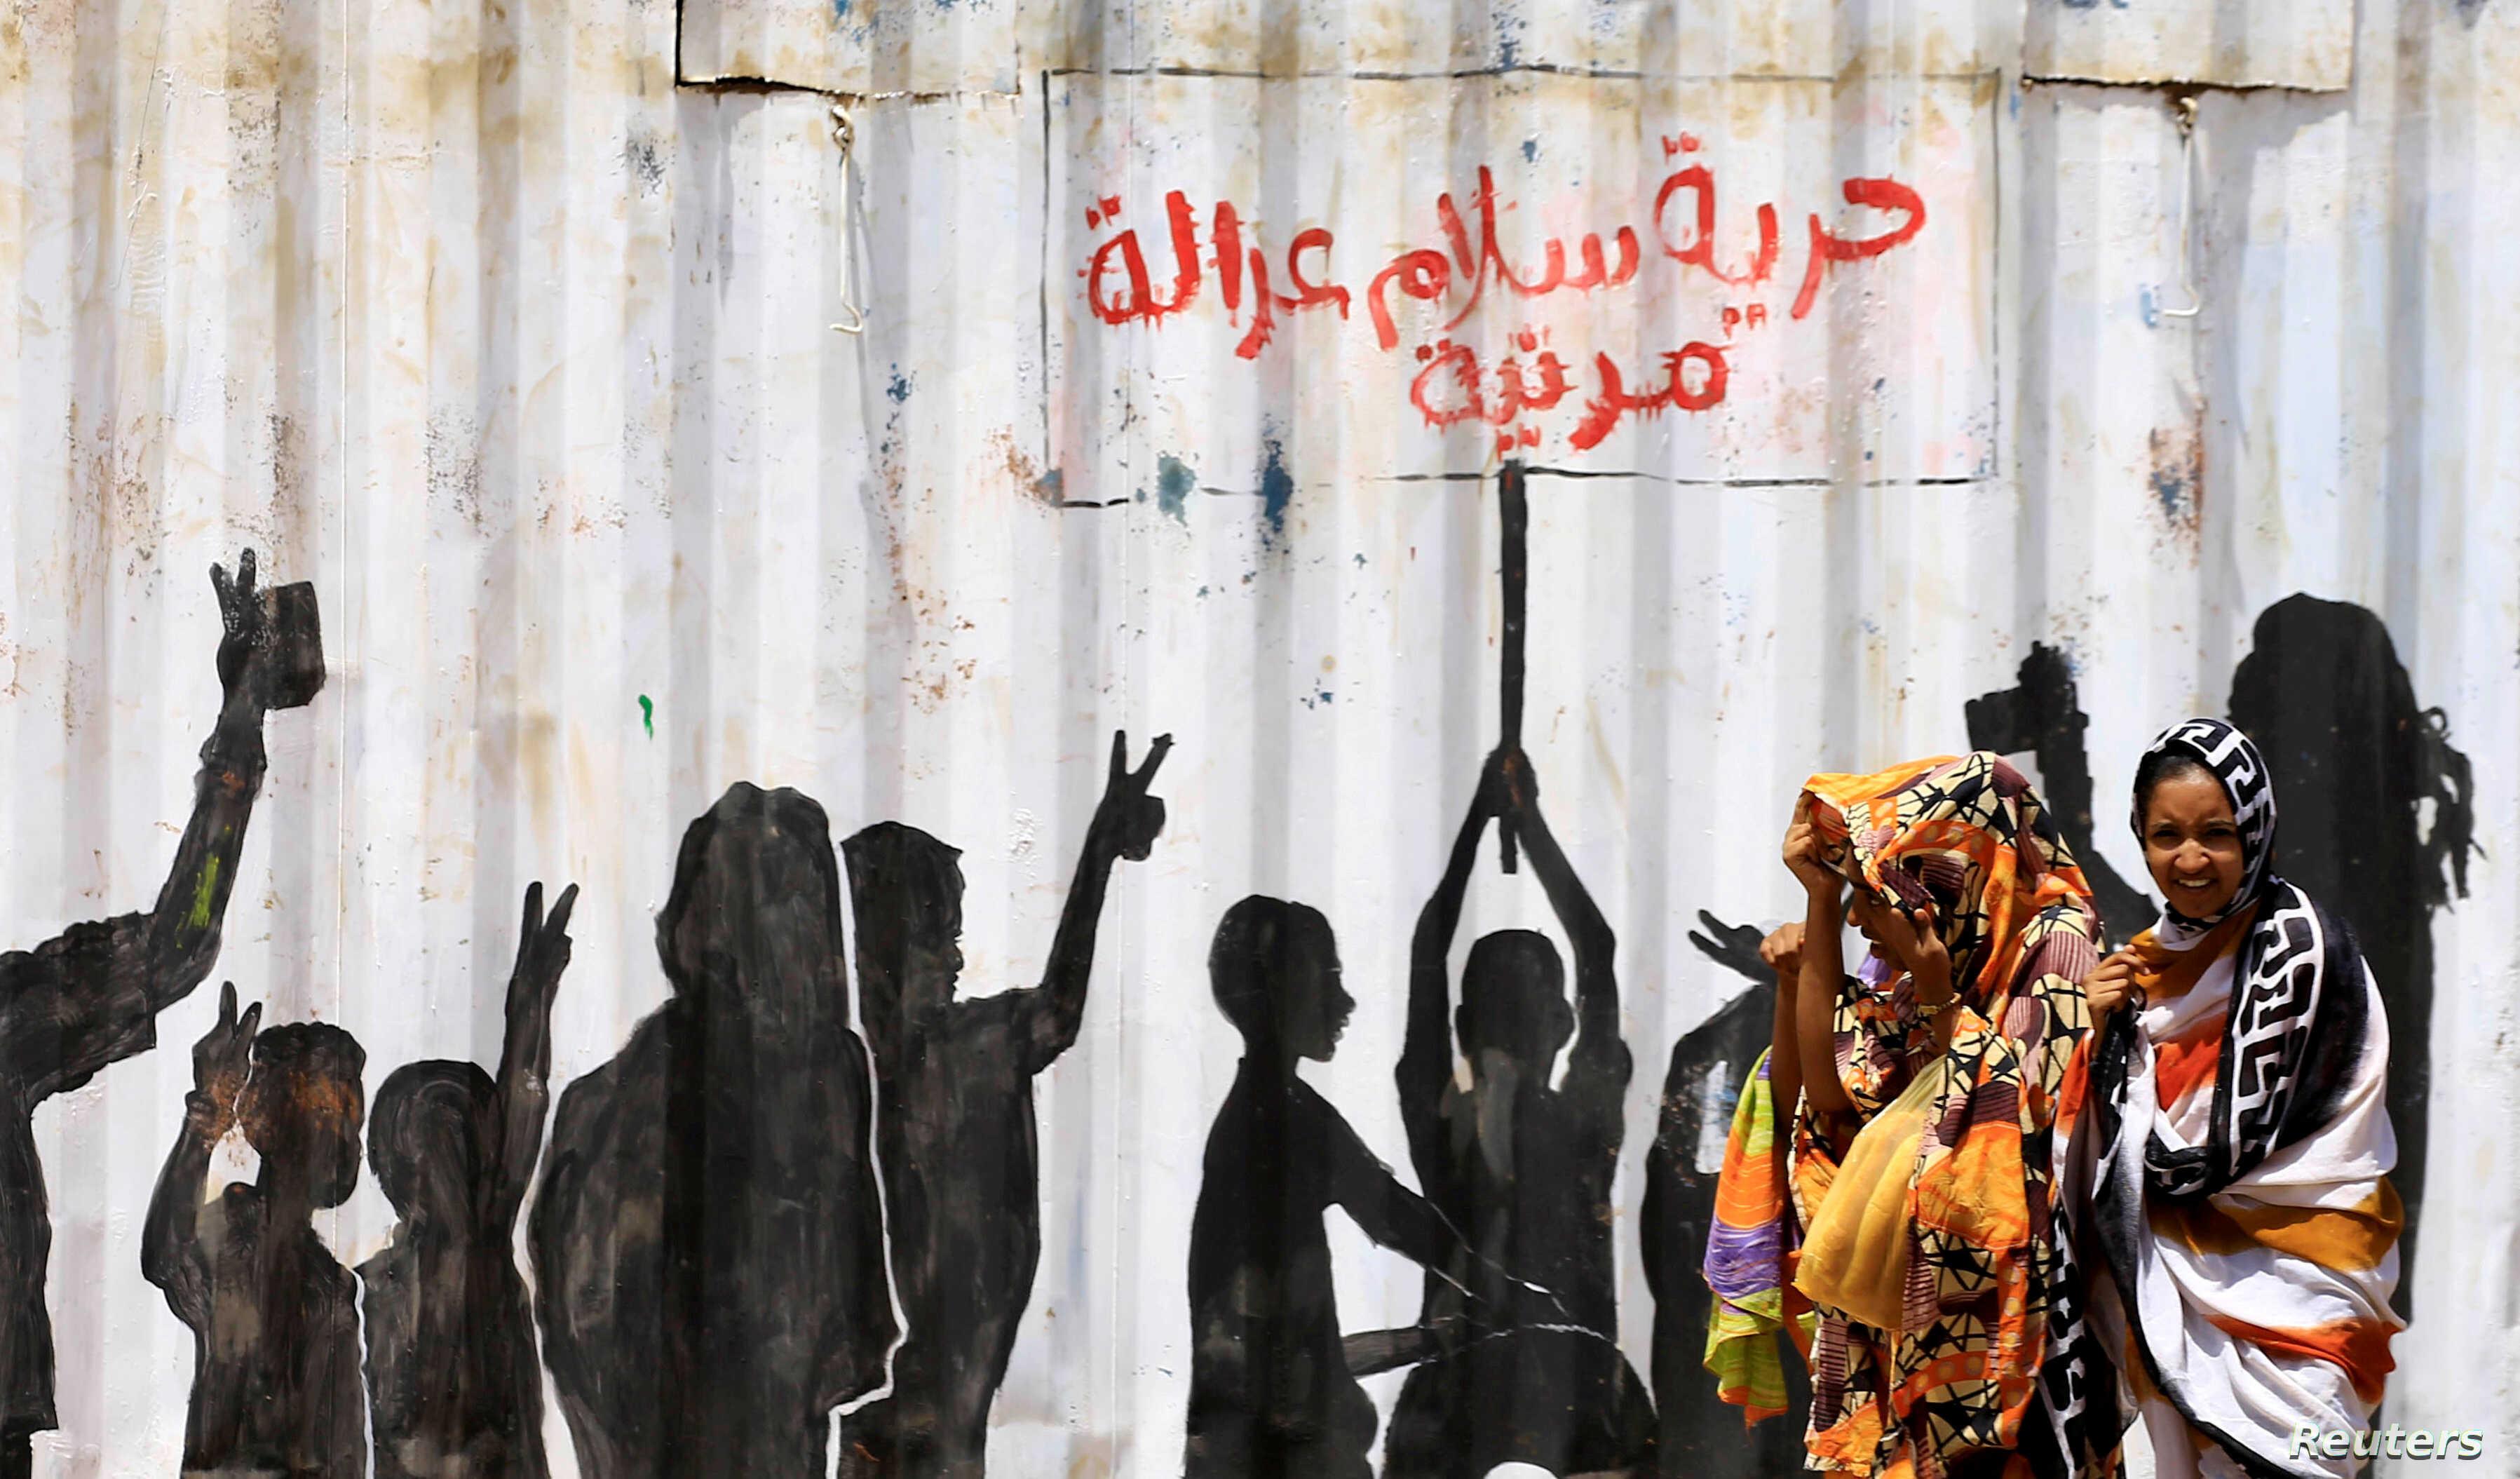 الثورة السودانية على مفترق طرق